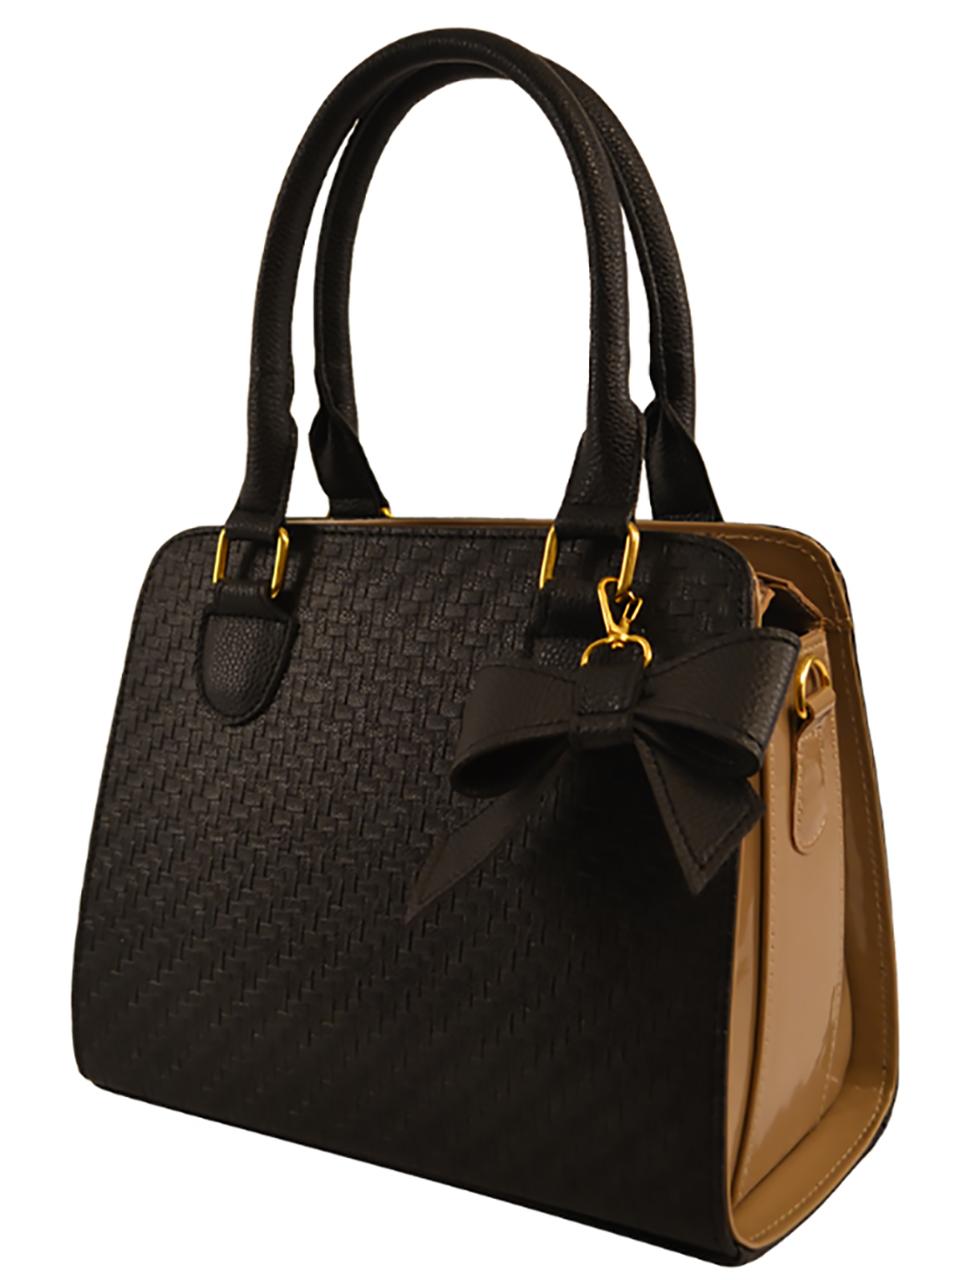 02650f84f8ab Женская модная черная сумка плетенка классическая: продажа, цена в ...